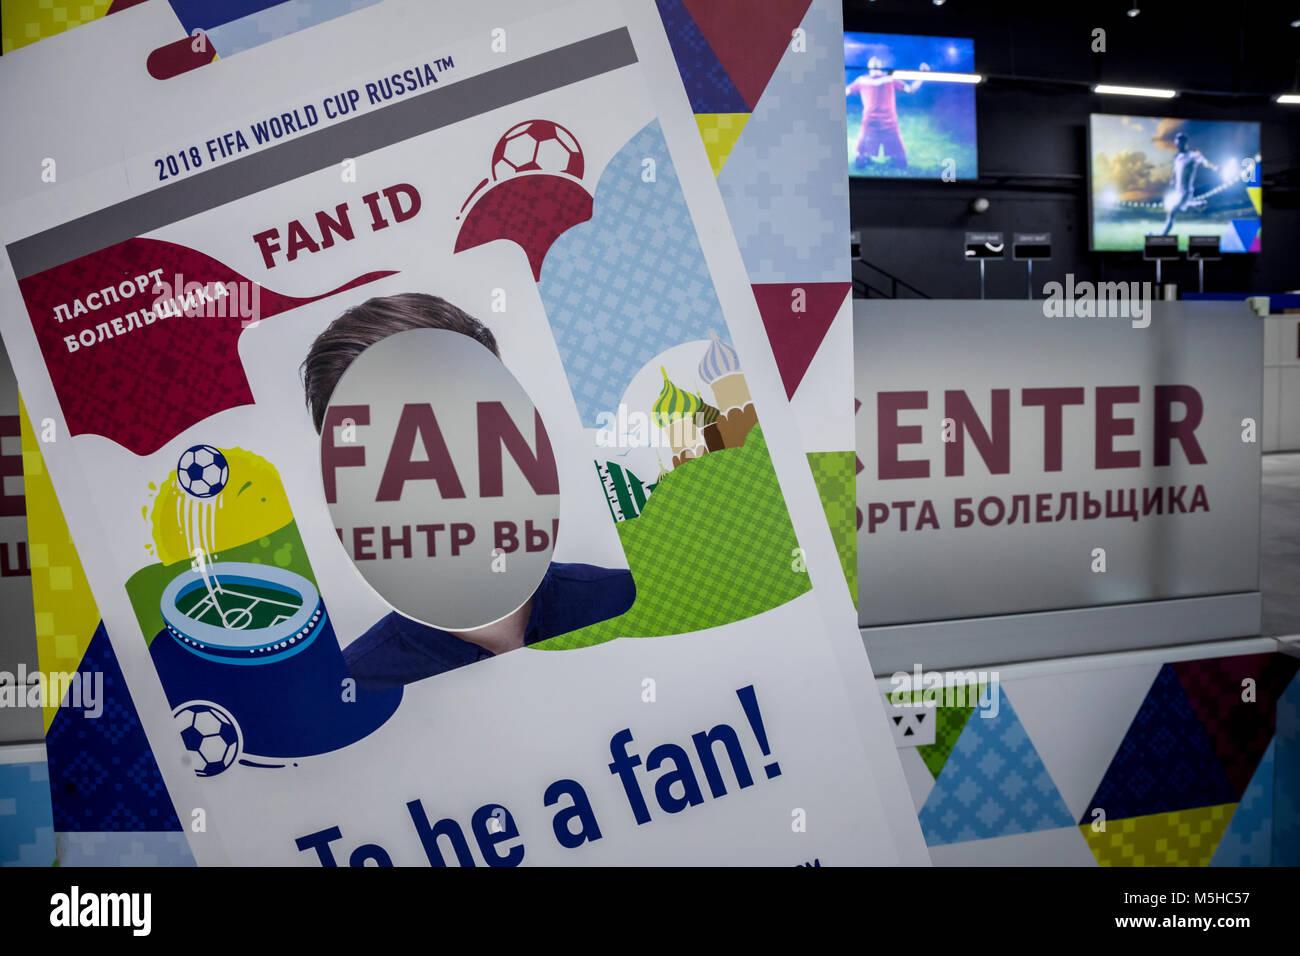 L'interno della ventola ID centro di distribuzione del 2018 FIFA World Cup a Mosca, Russia Immagini Stock